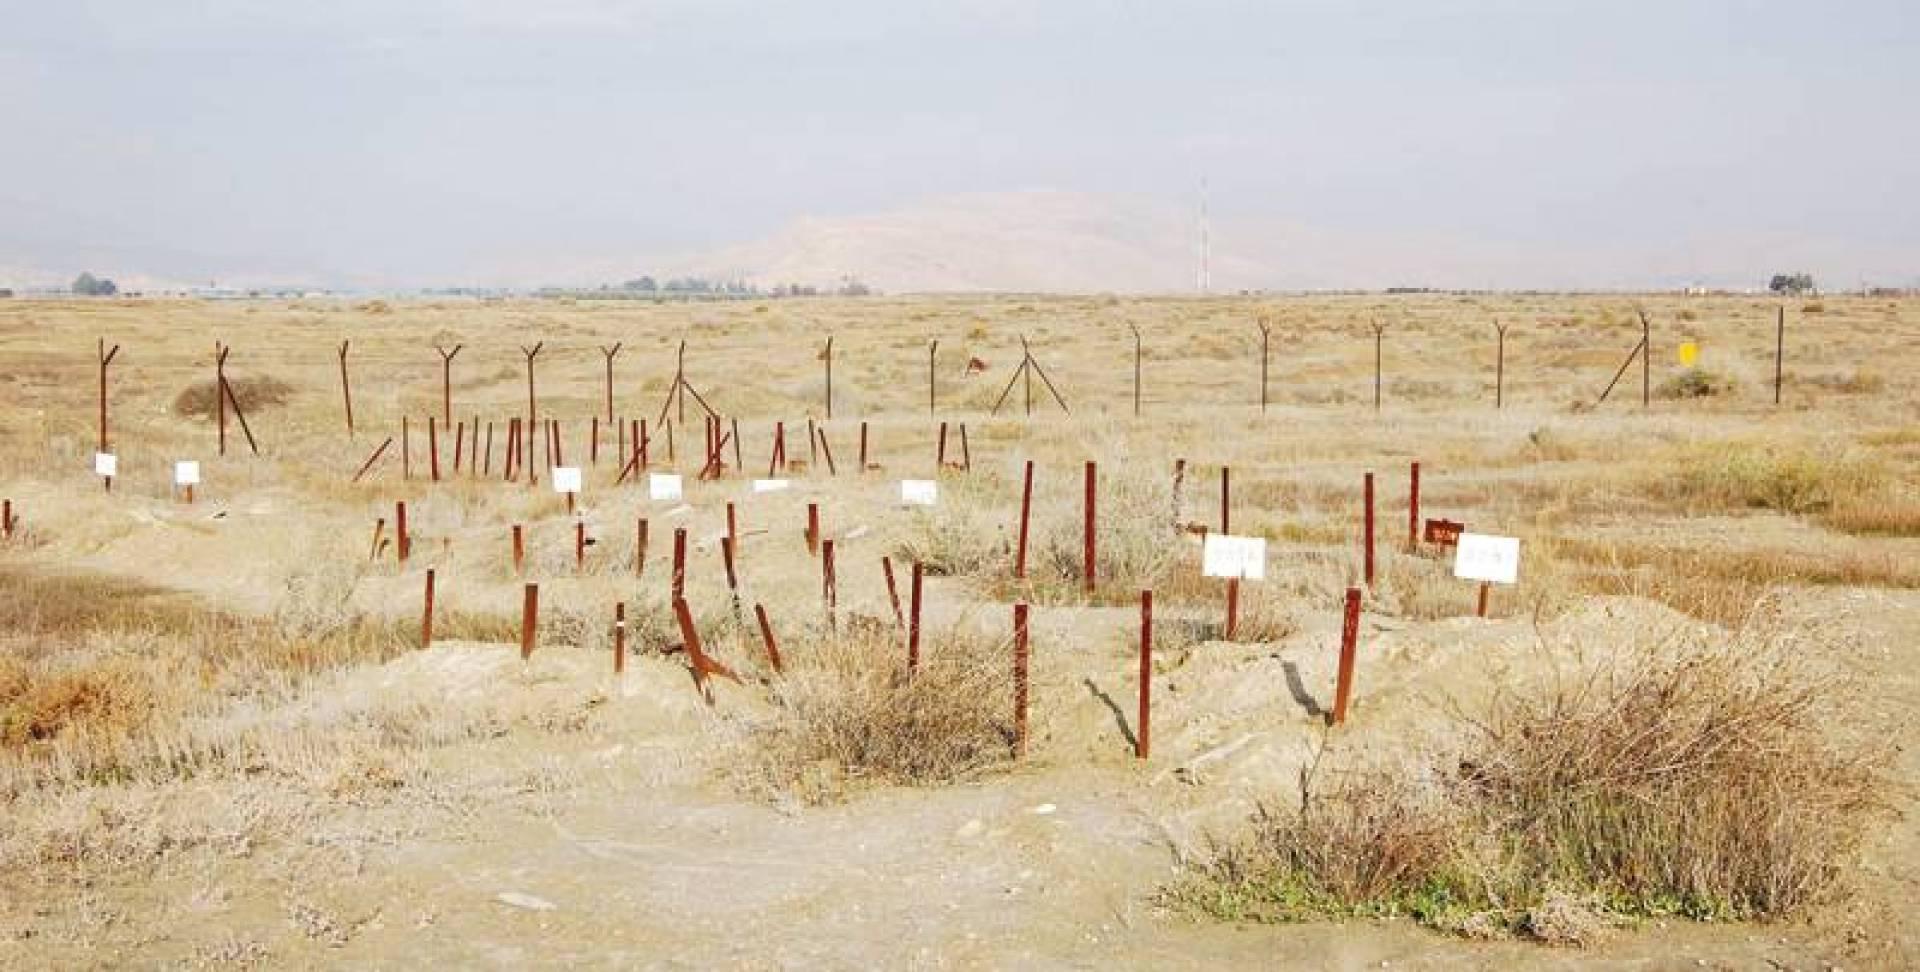 مقبرة معروفة باسم «مقبرة الأعداد» في قاعدة عسكرية قديمة في المنطقة المحظورة على الحدود بين إسرائيل والأردن